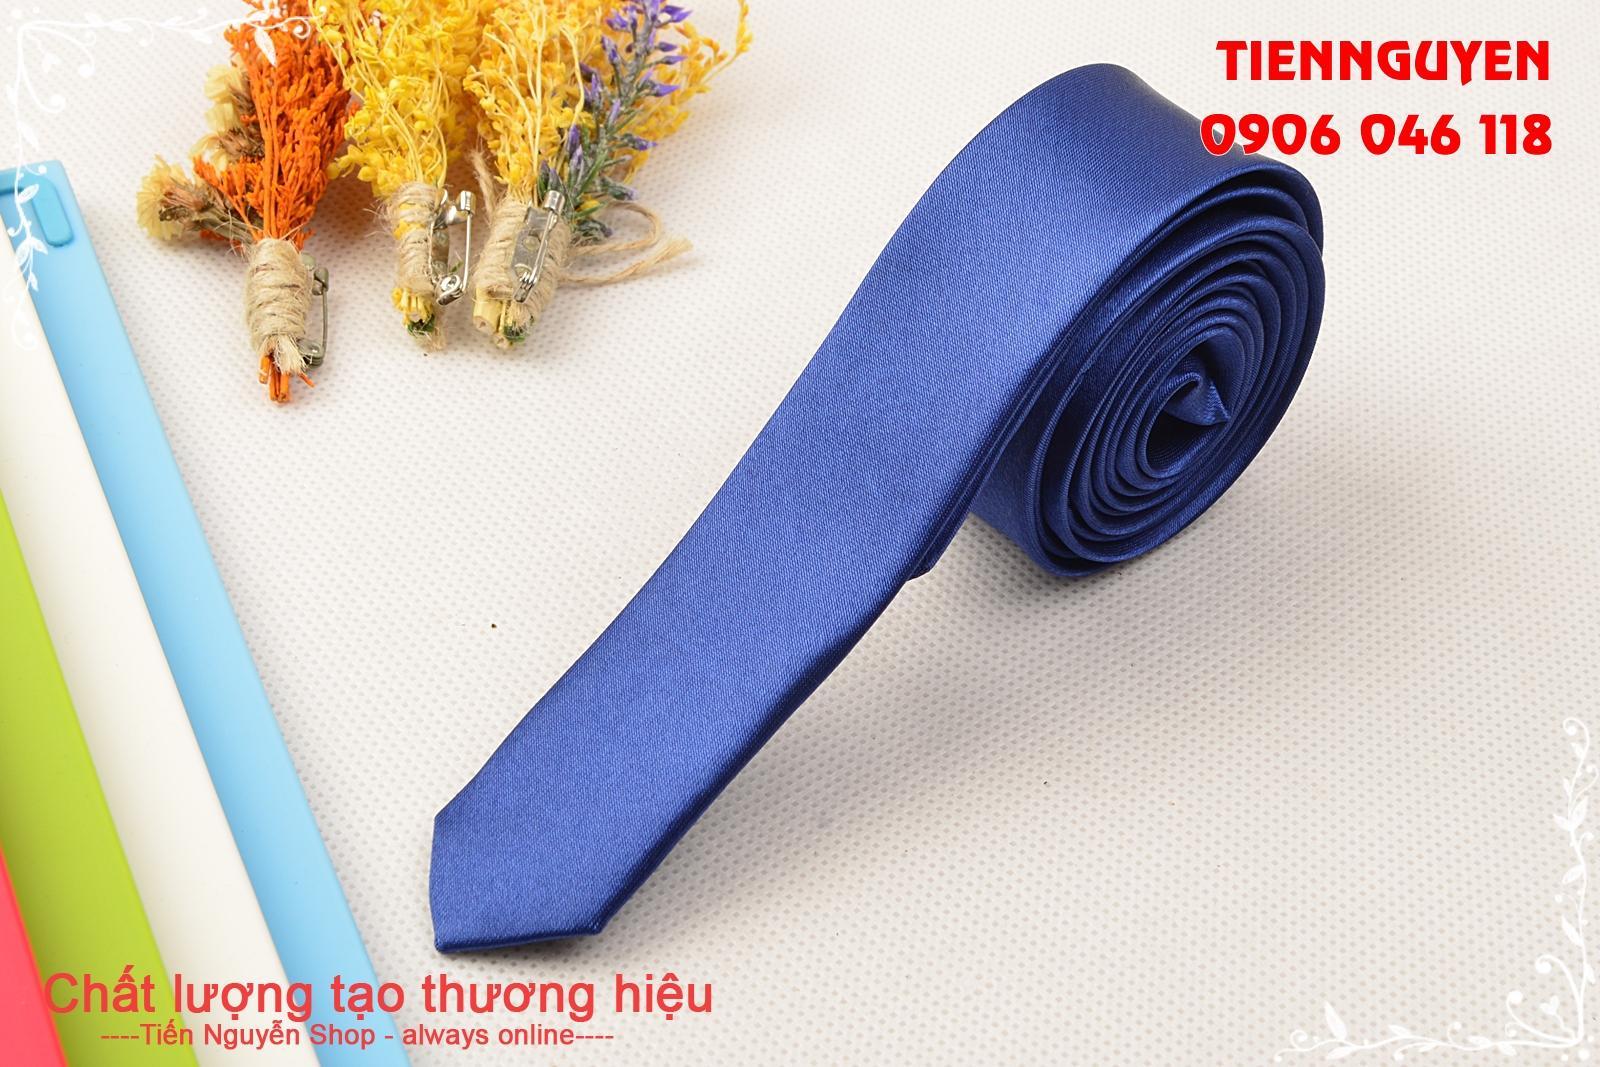 Cà Vạt Lụa Bản Siêu Nhỏ 3Cm - Cà Vạt Hàn Quốc